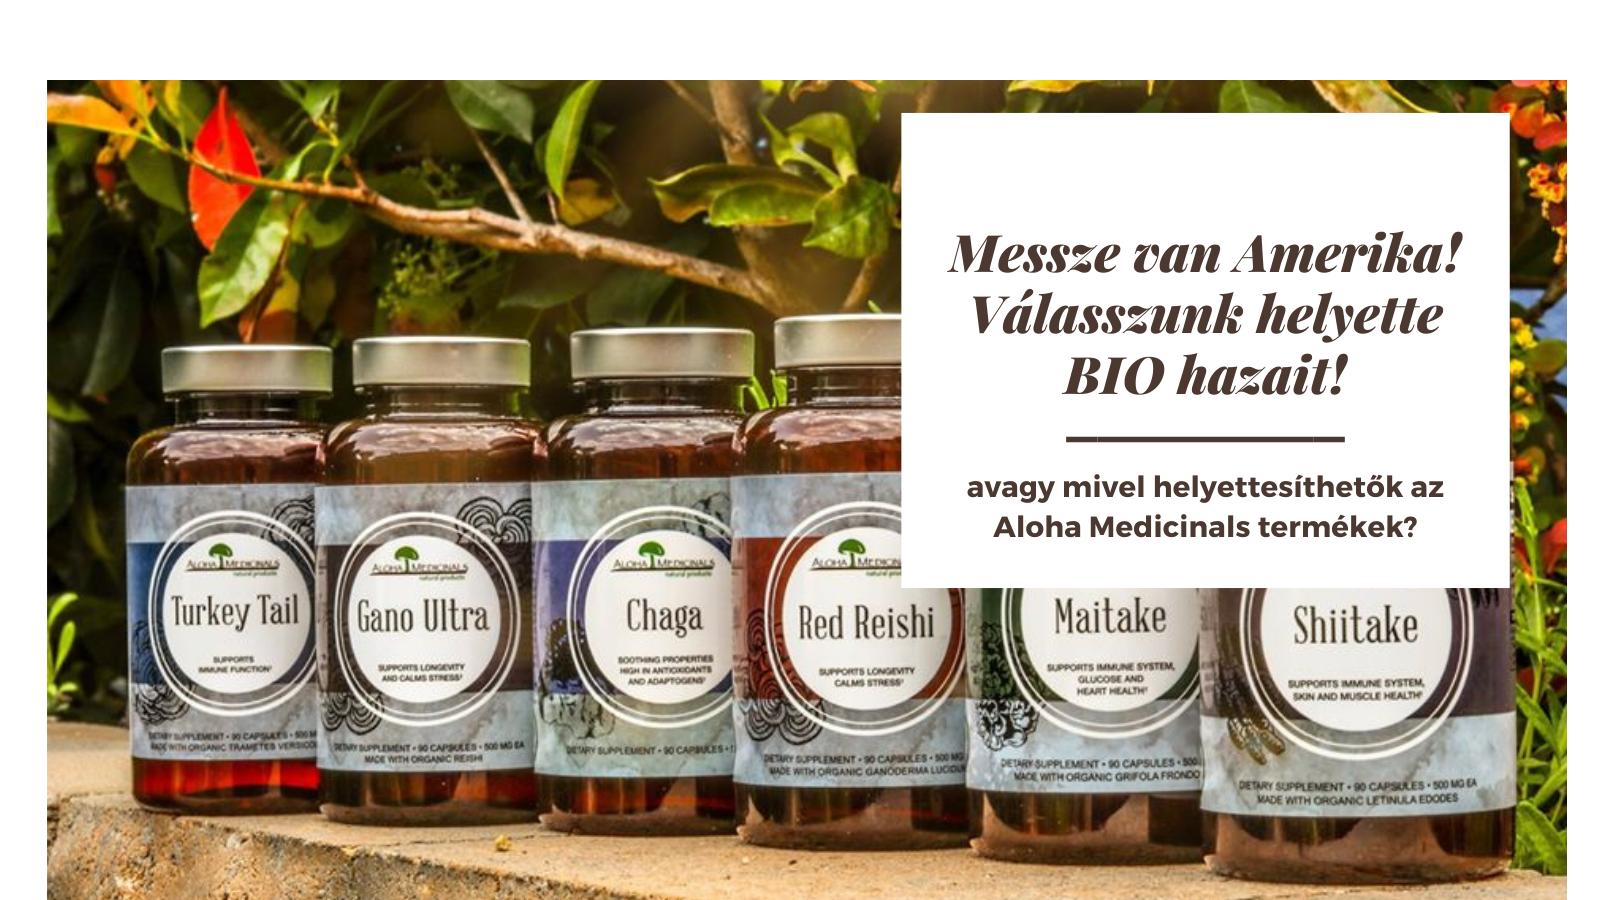 Aloha Medicinals termékek helyettesíthetősége